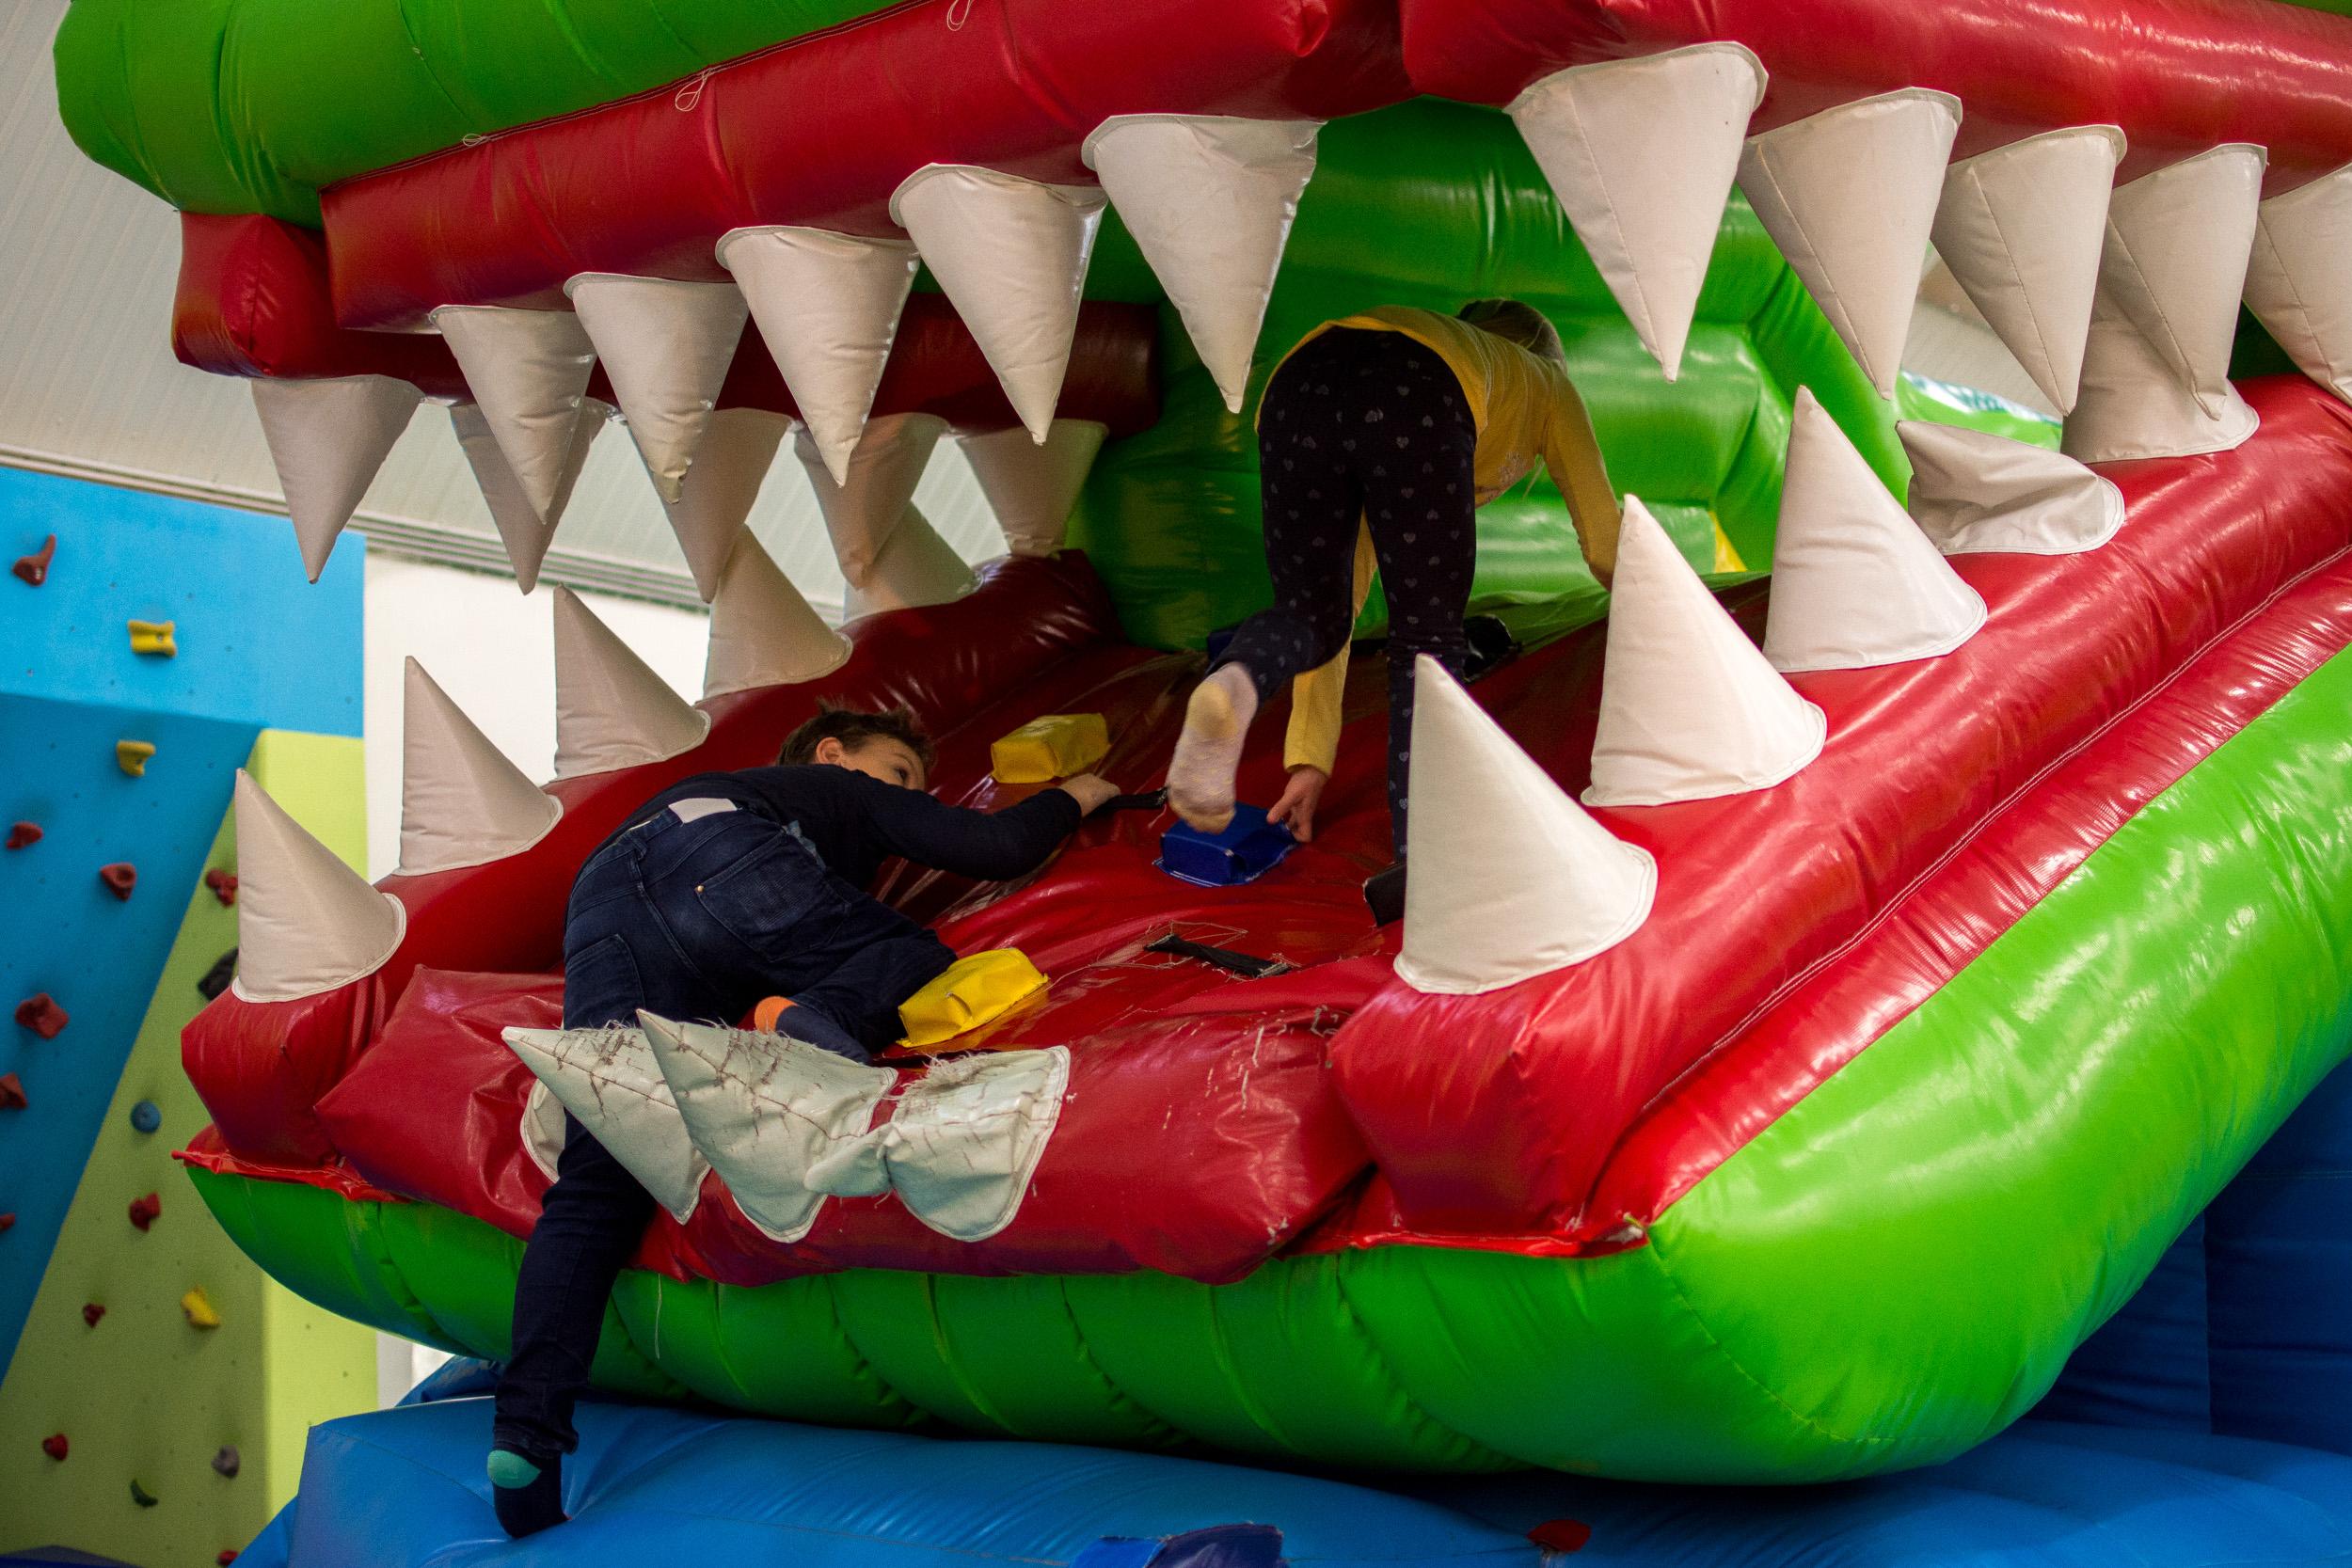 Nafukovacia šmykľavka krokodíl Aký by to bol Jungle Park bez krokodíla? Nášho nafukovacieho krokodíla deti jednoducho zbožňujú! Dovolí im vyštverať po svojom chrbáte, šmyknúť sa po jazyku a vyliezť cez tlamu plnú obrích nafukovacích zubov.